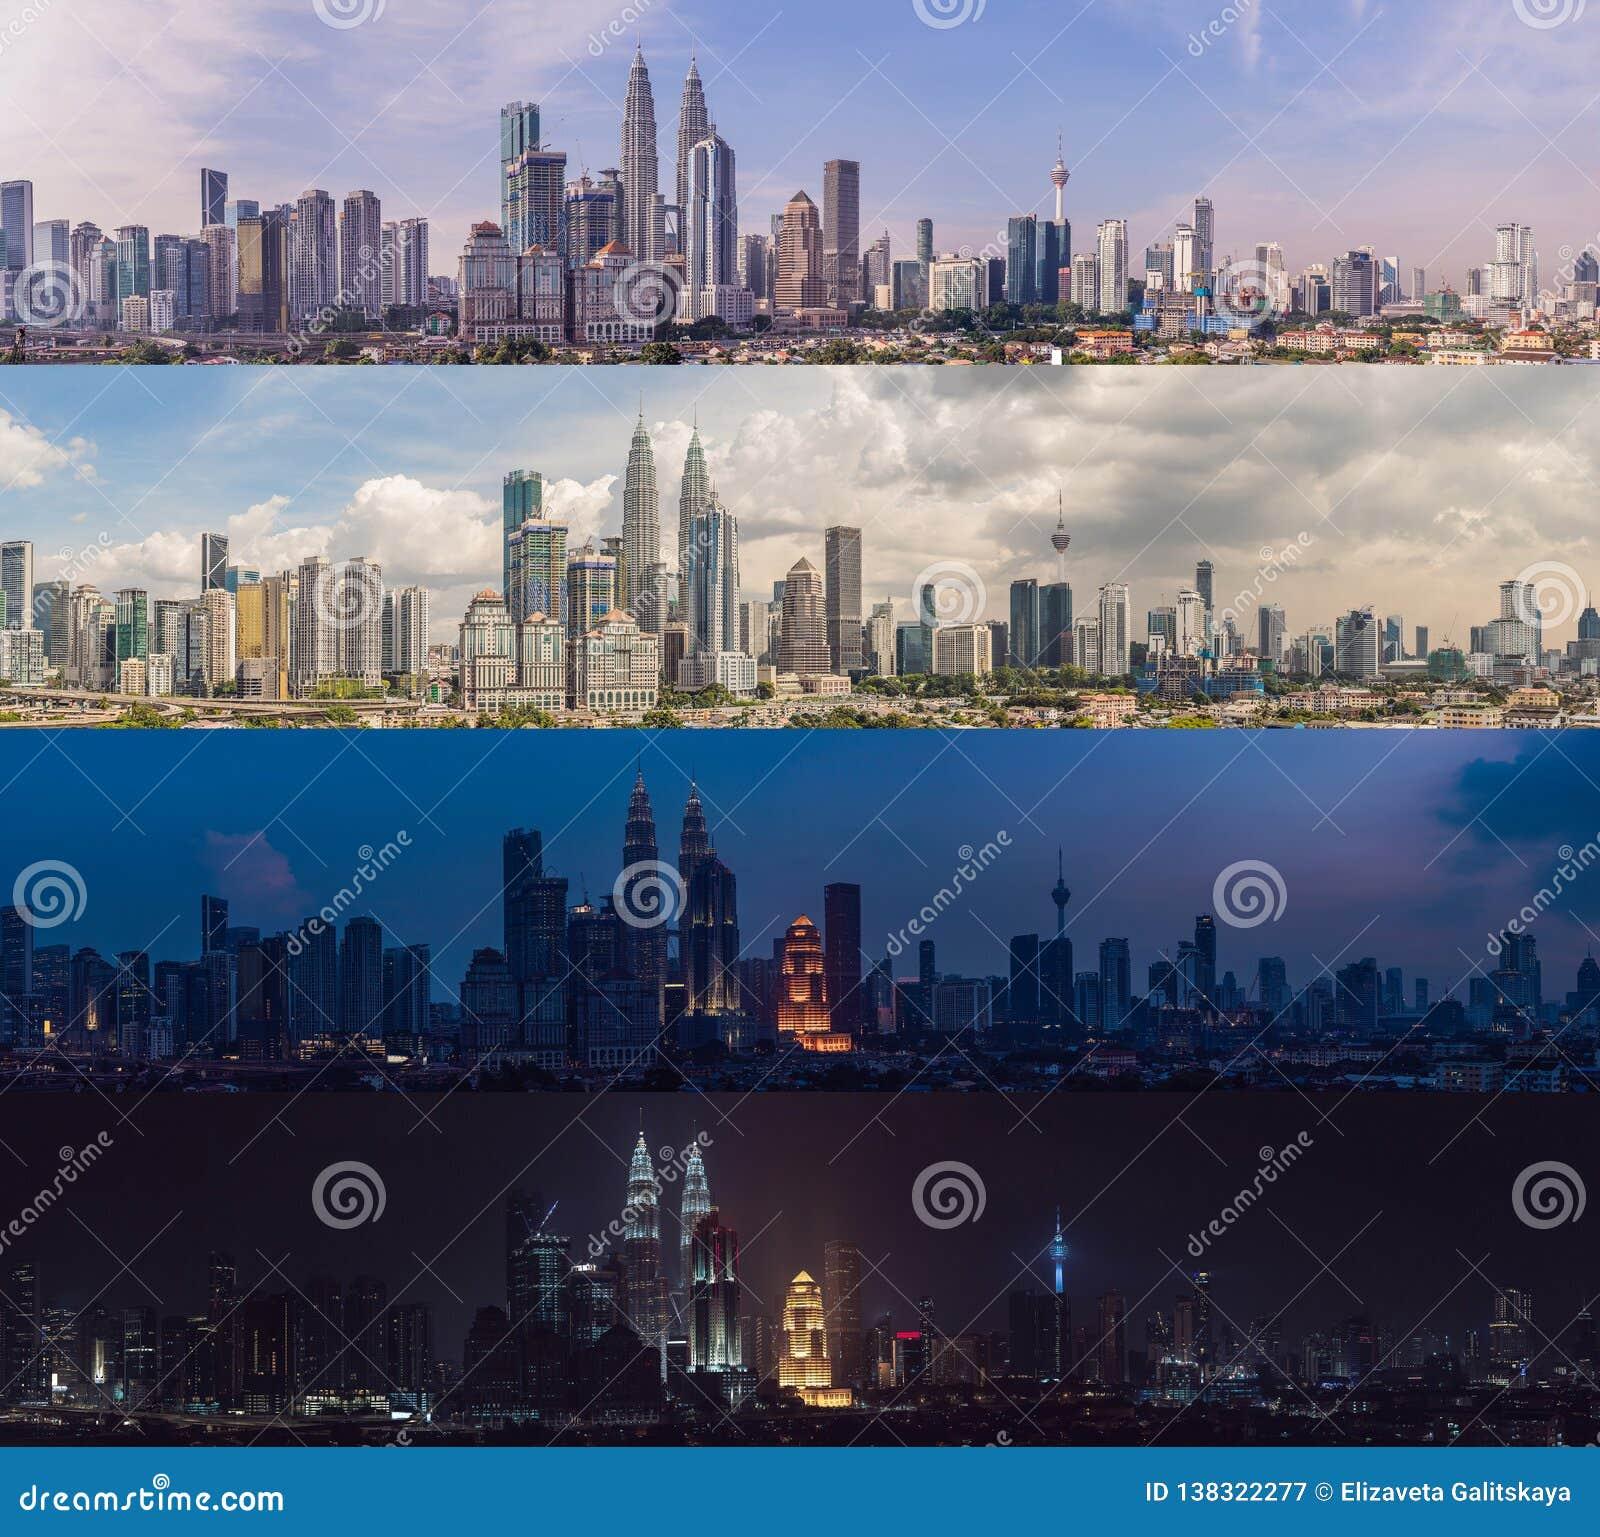 Noite da noite da tarde da manhã Hora quatro Skyline de Kuala Lumpur, vista da cidade, arranha-céus com um bonito